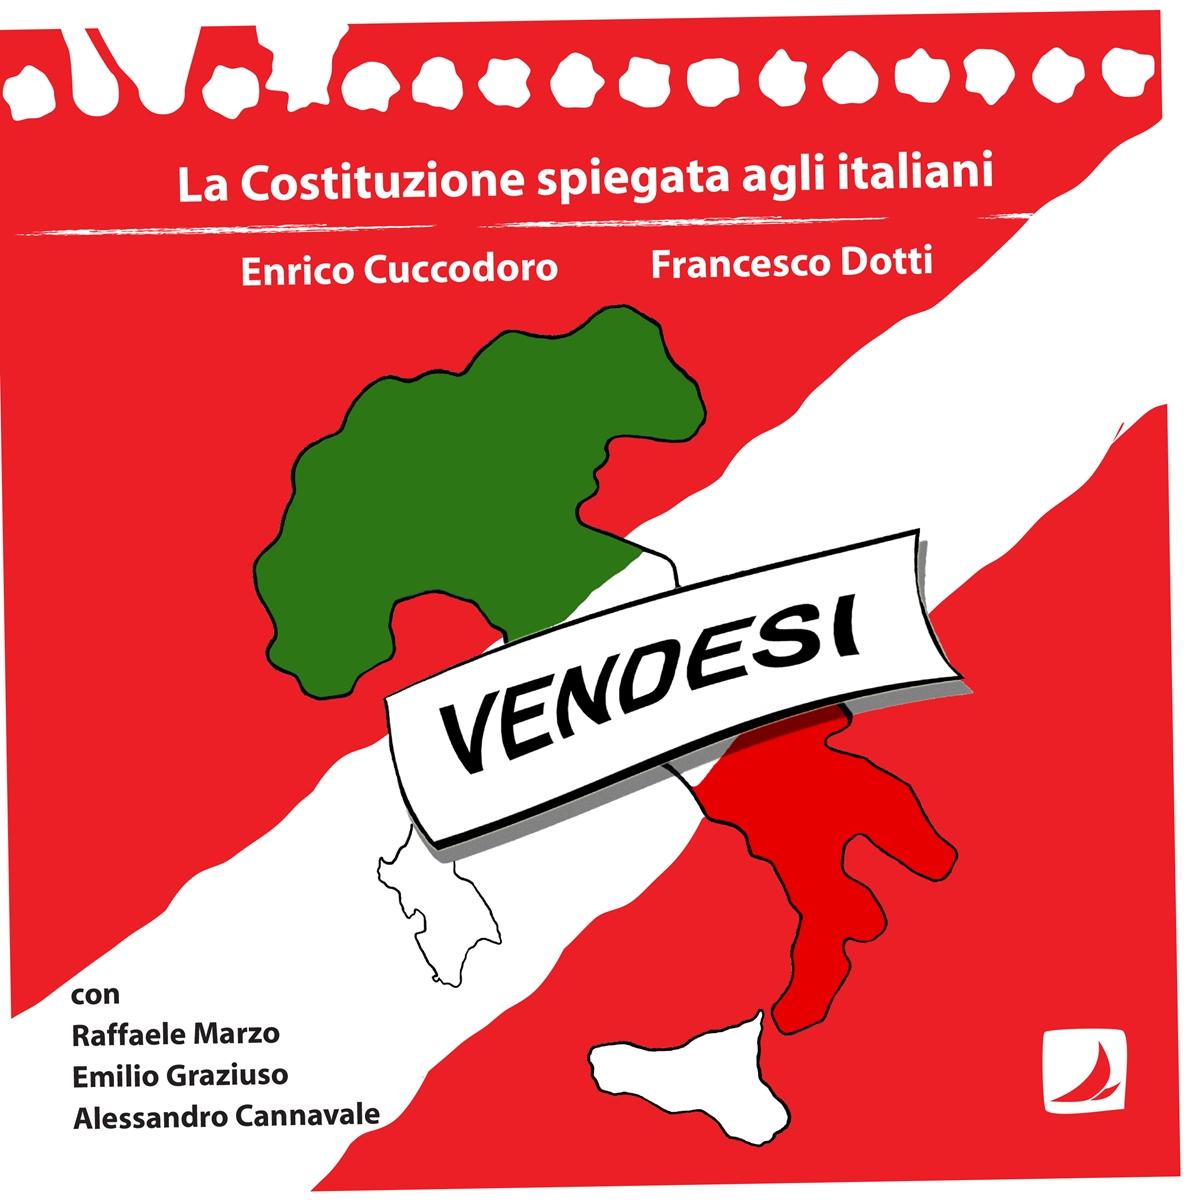 La Costituzione spiegata agli italiani